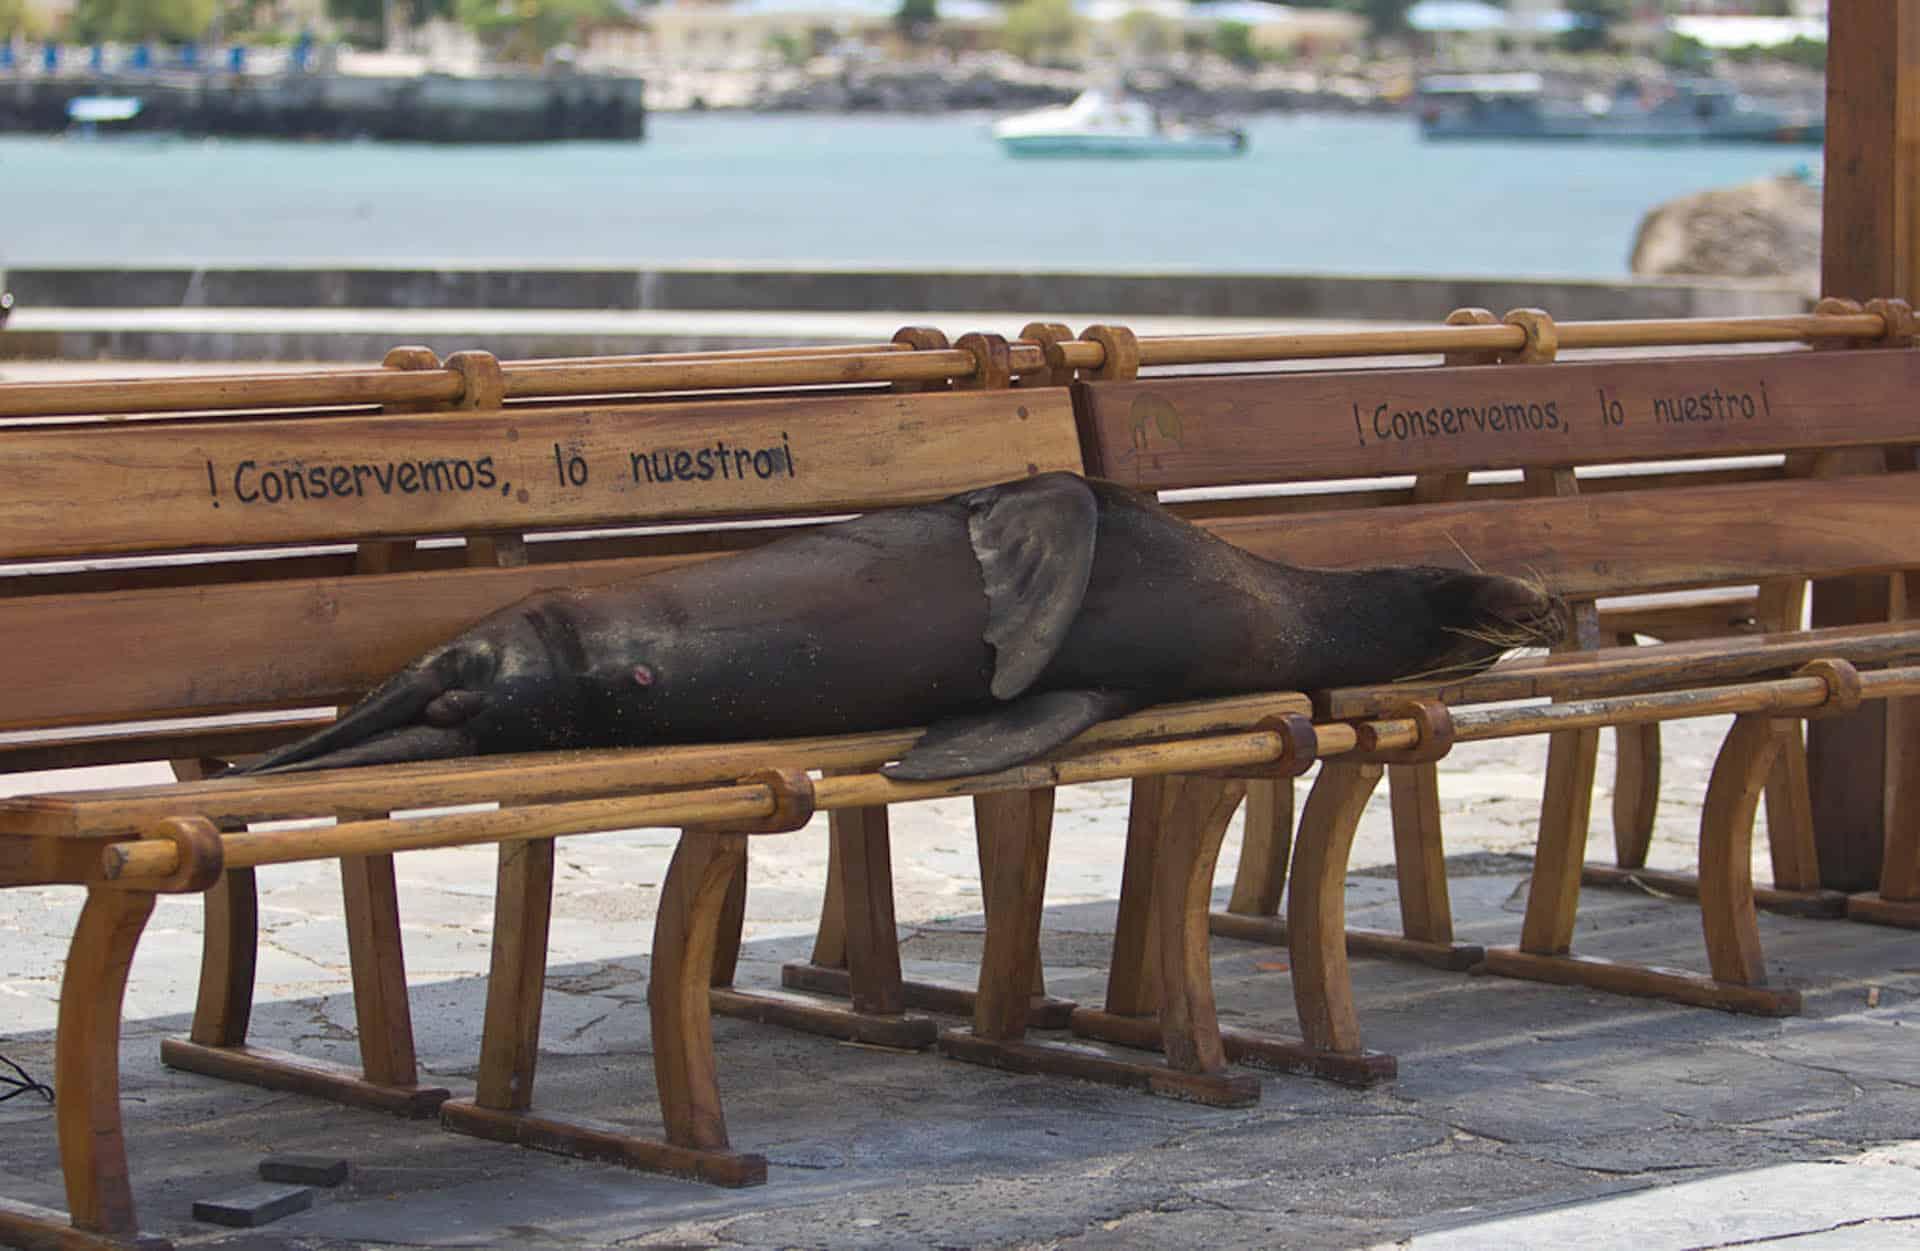 unique wildlife in galapagos islands